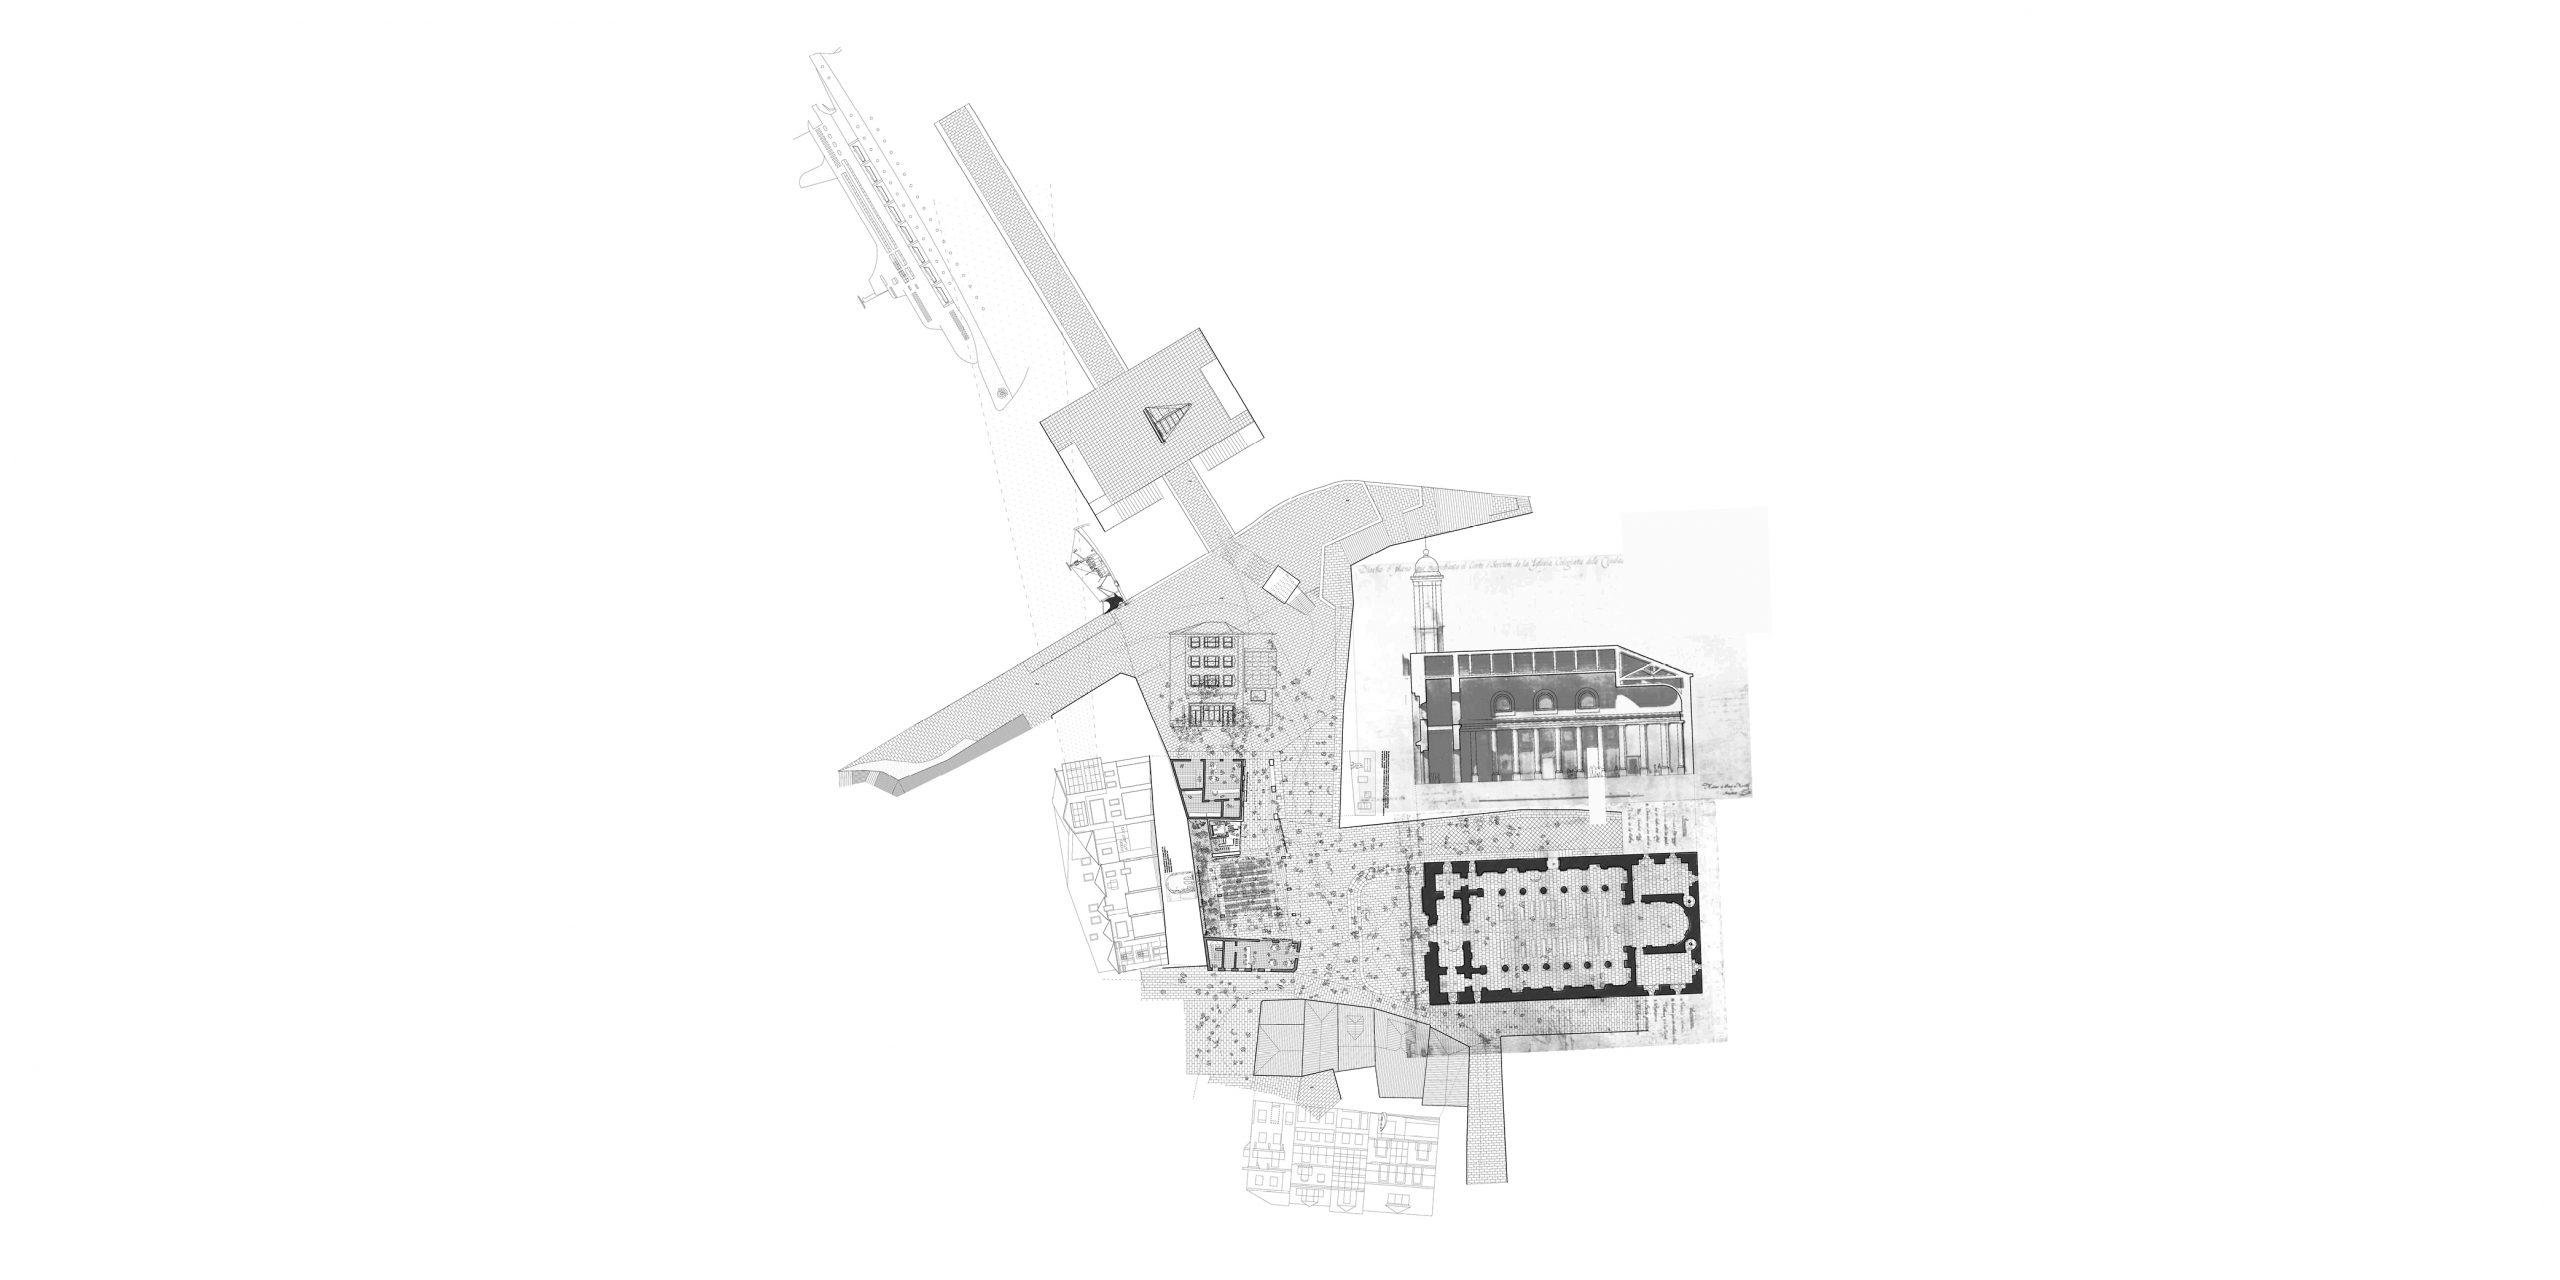 La planta baja amplía el espacio público, creando una nueva espacio urbano cubierto para la ciudad